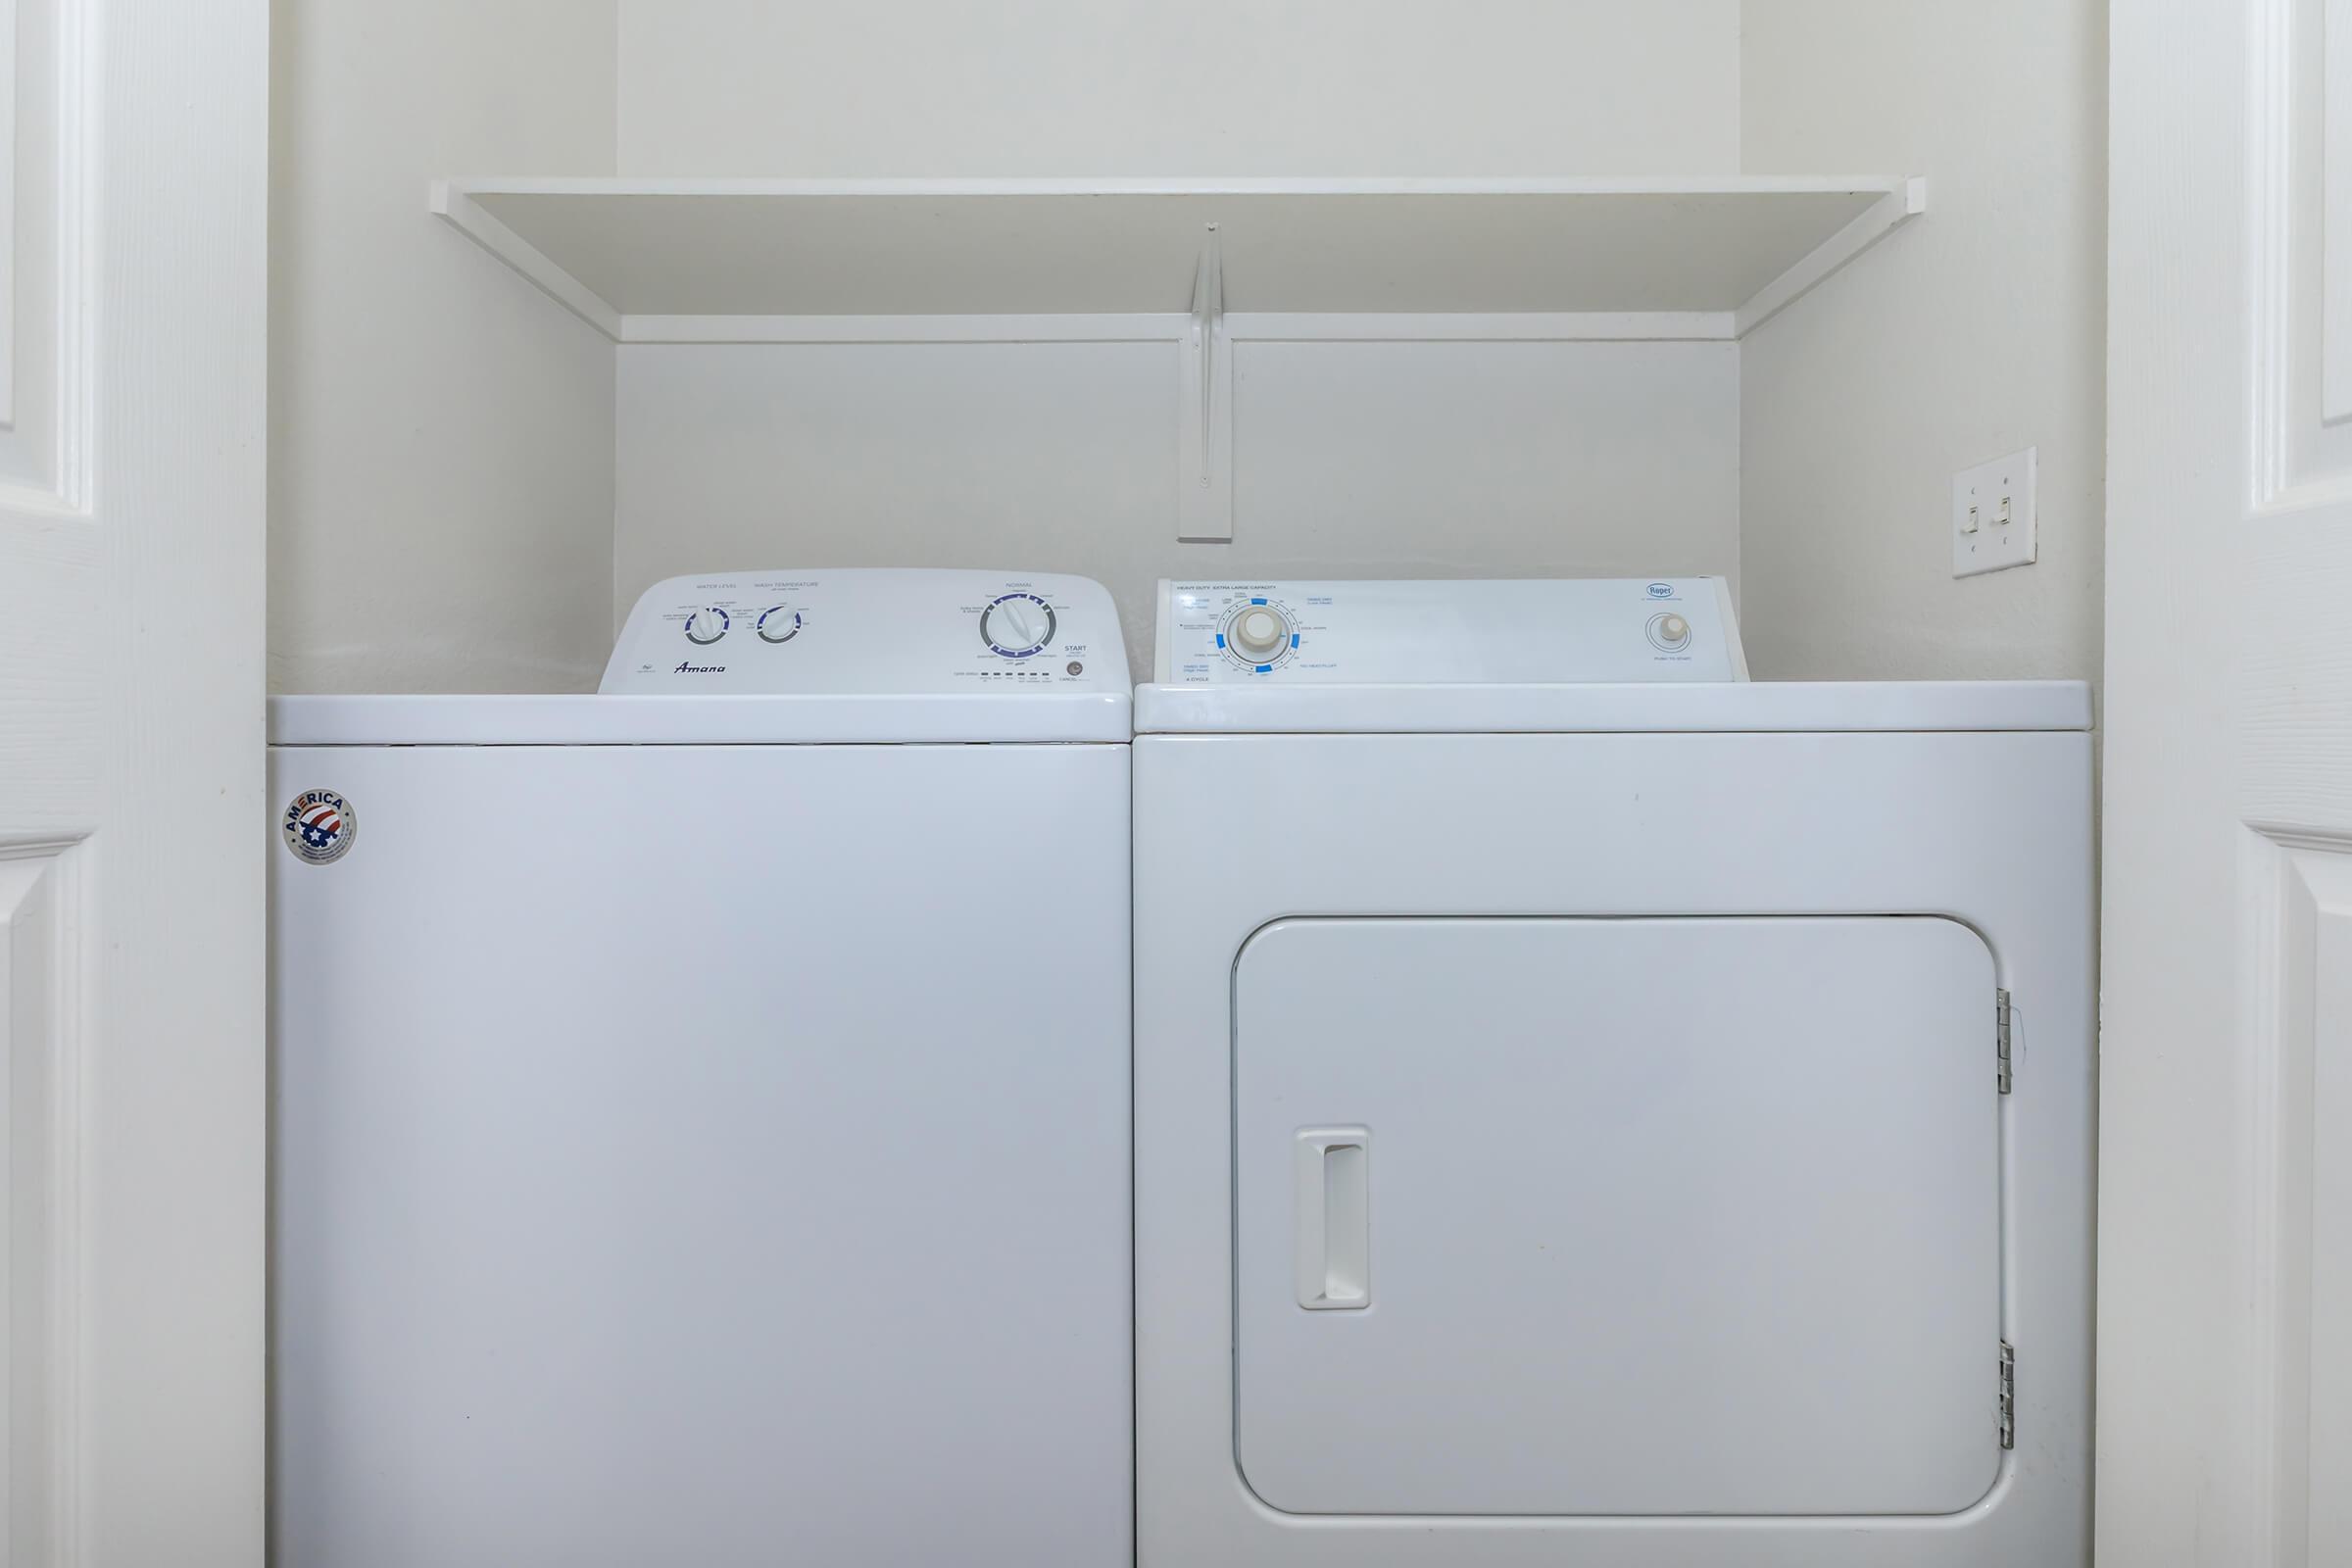 a close up of a refrigerator